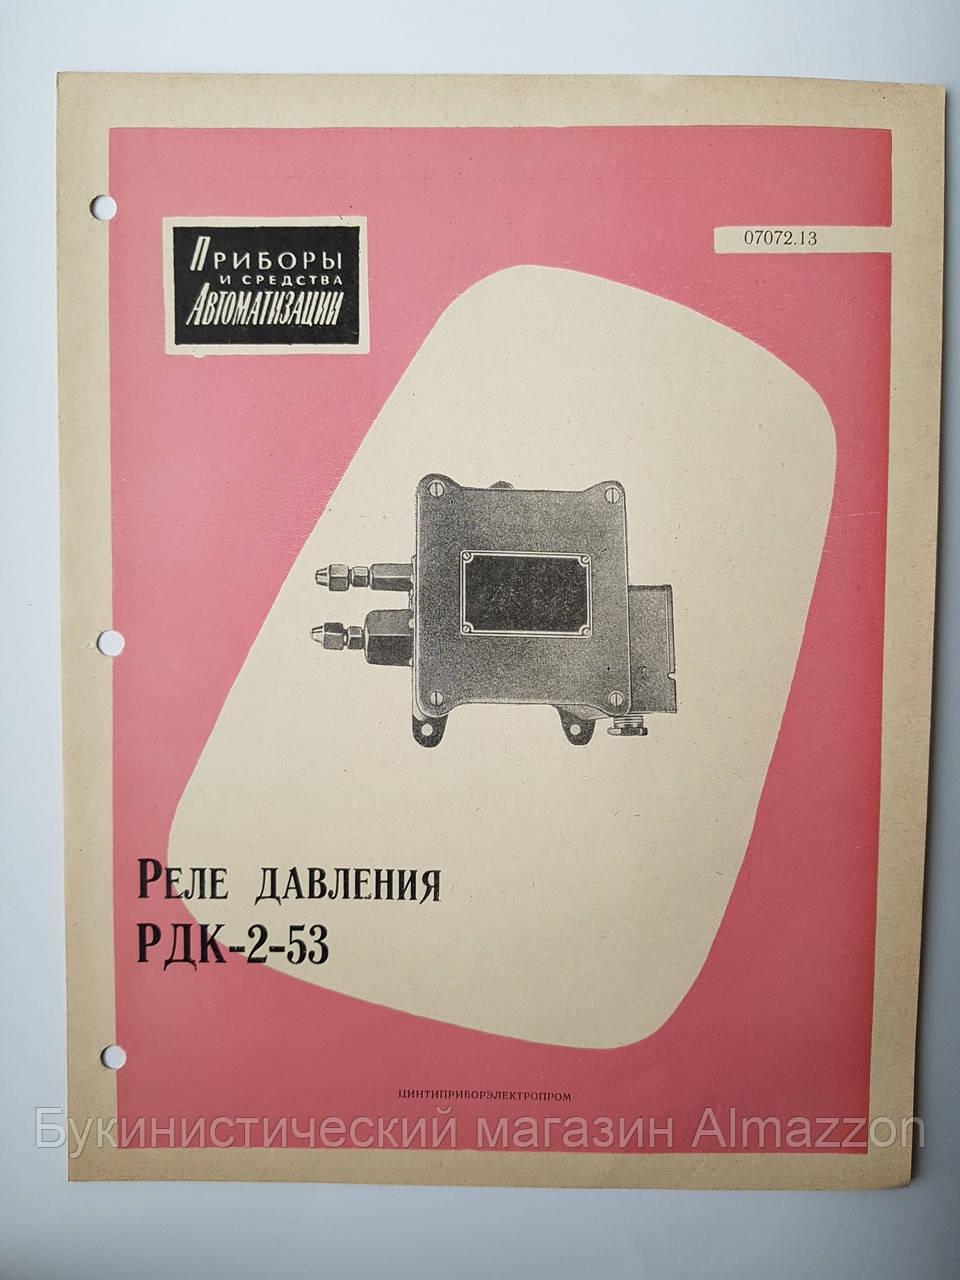 """Журнал (Бюллетень) """"Реле давления РДК-2-53  07072.13"""" 1963 г."""